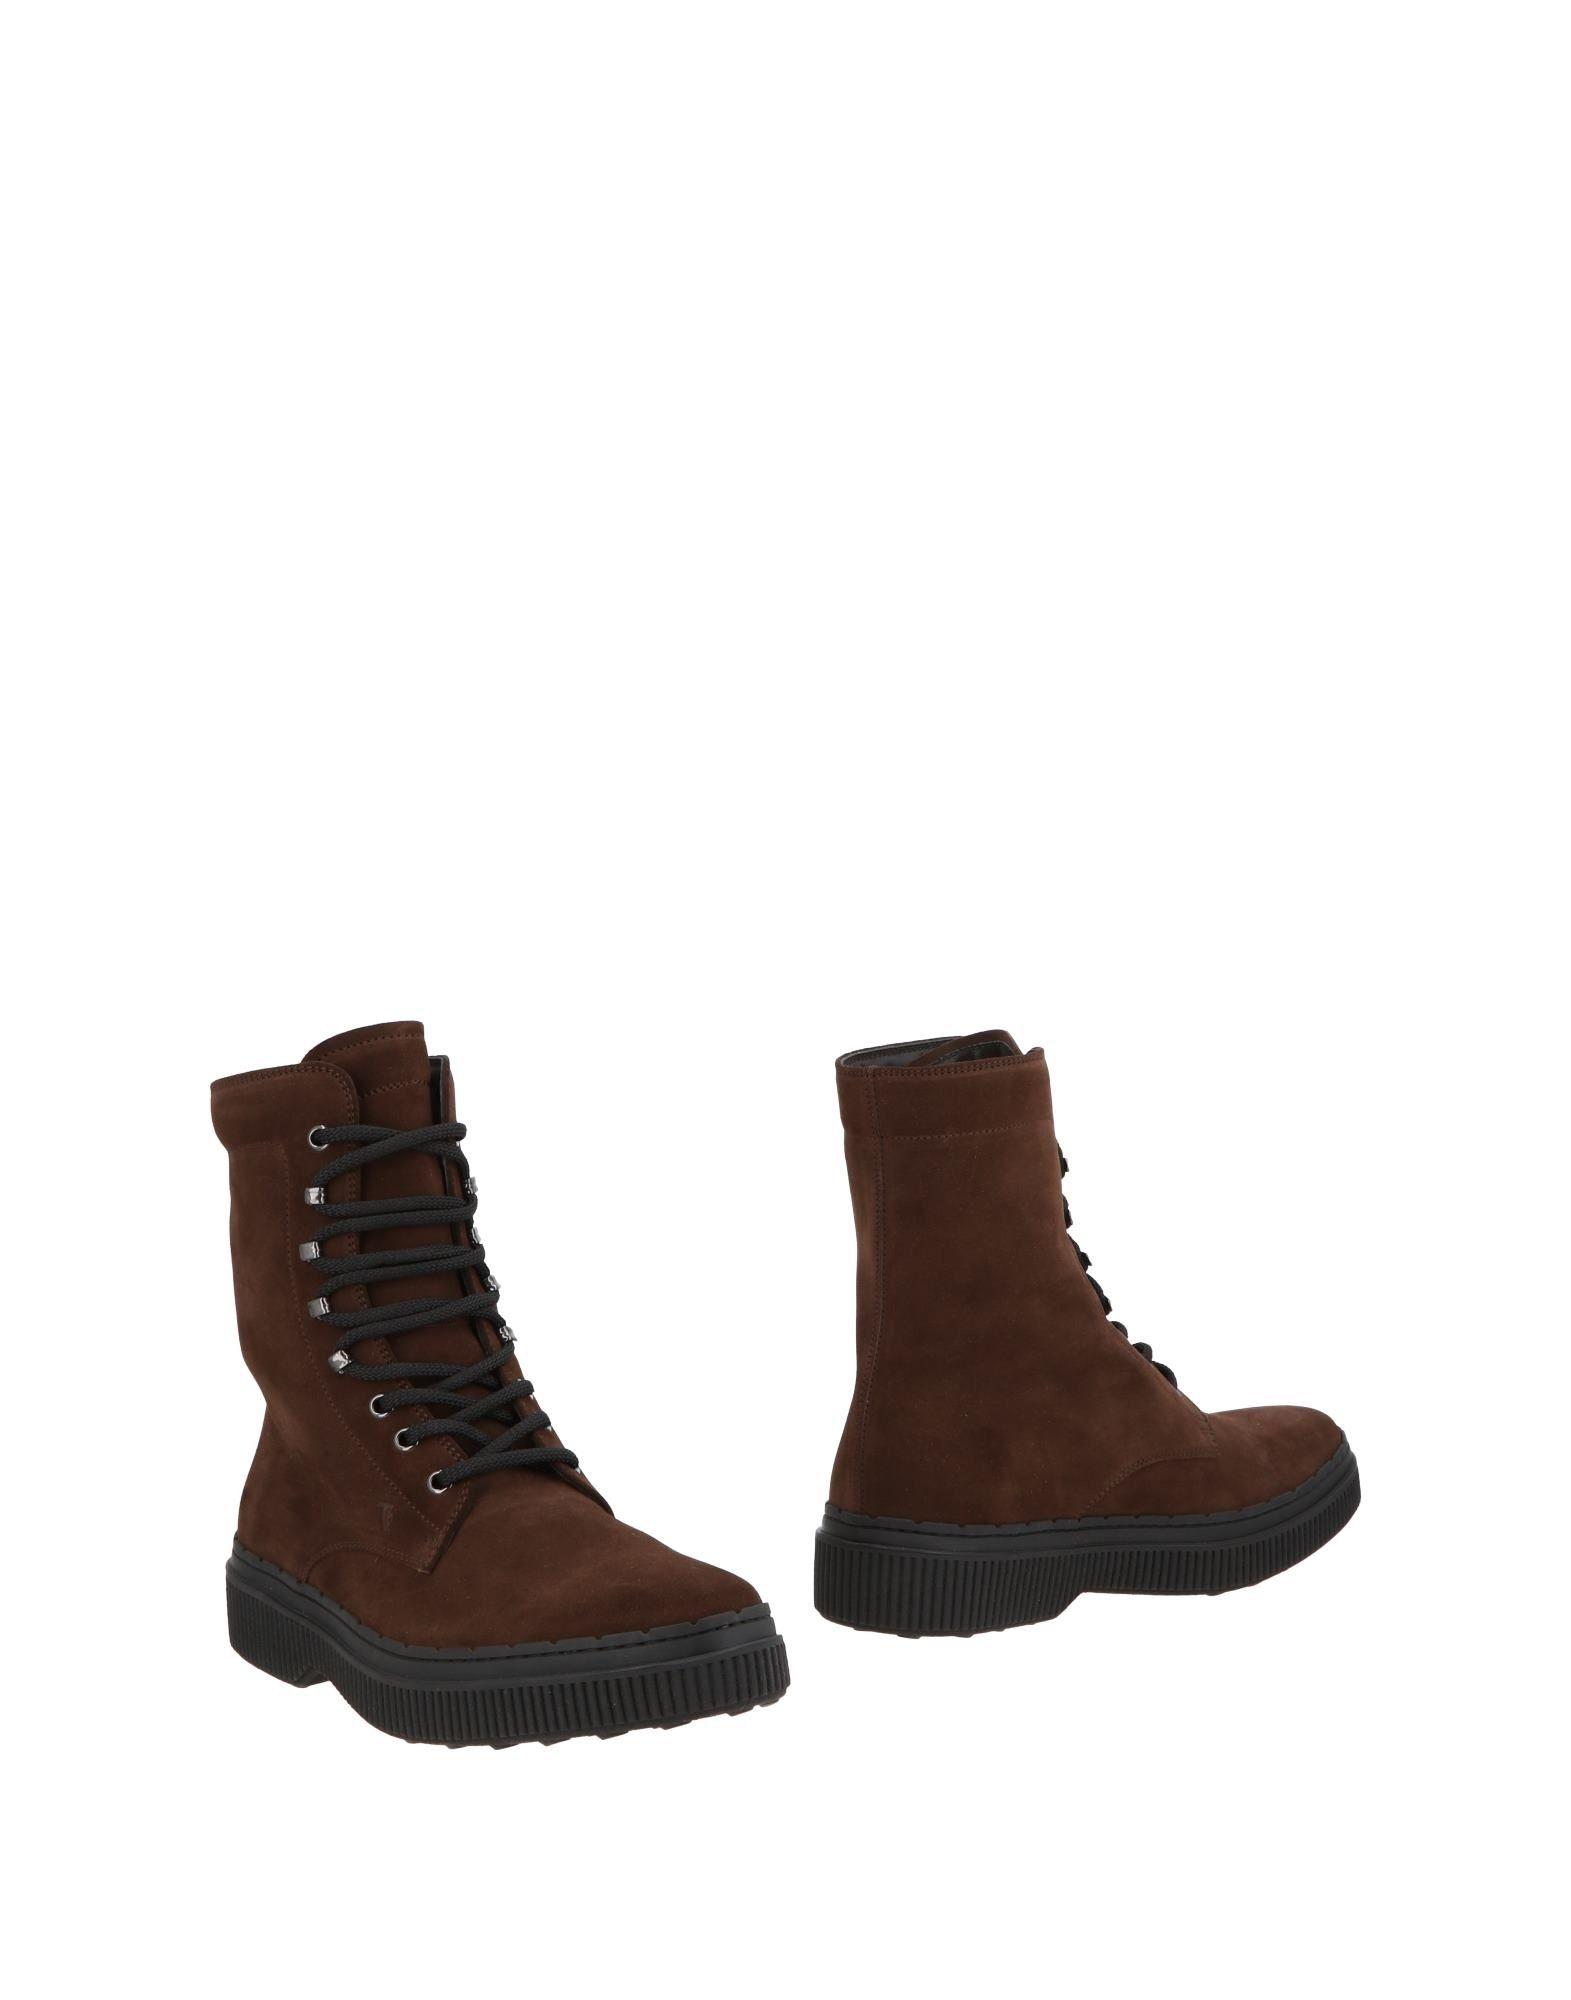 Tod's Stiefelette Qualität Herren  11484672UI Gute Qualität Stiefelette beliebte Schuhe 942f1c